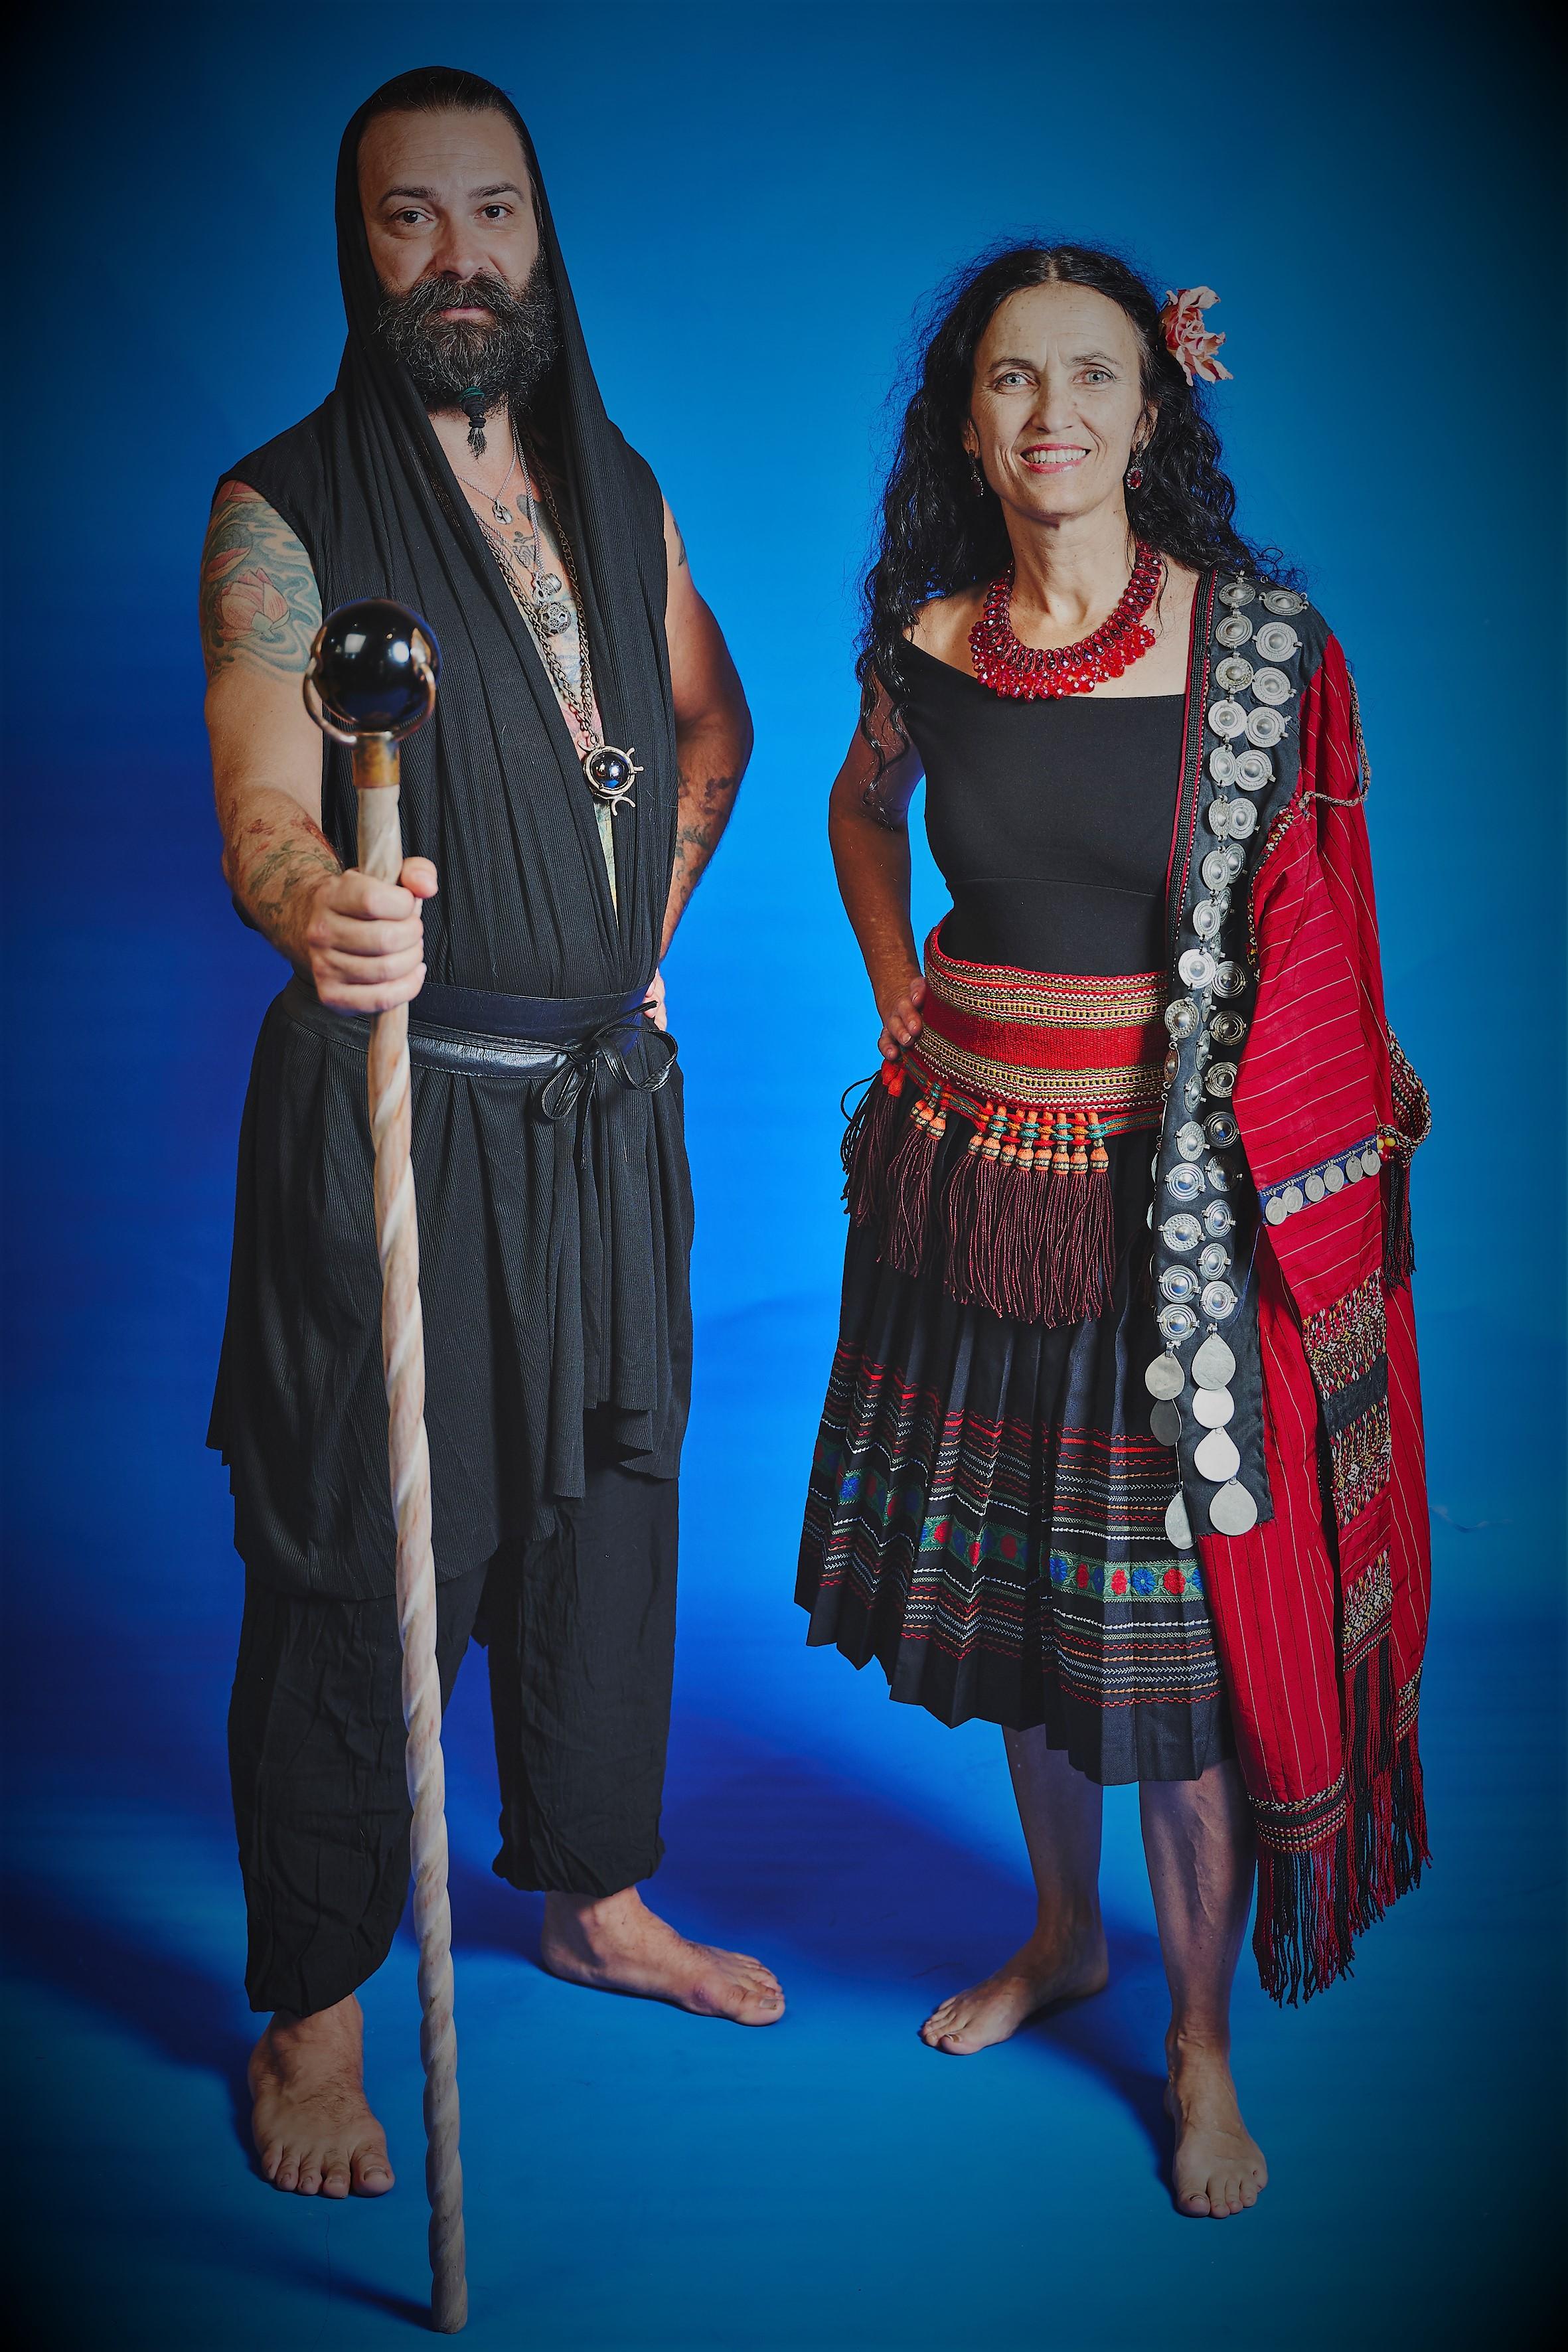 Yorgo Kaporis and Linda Marr